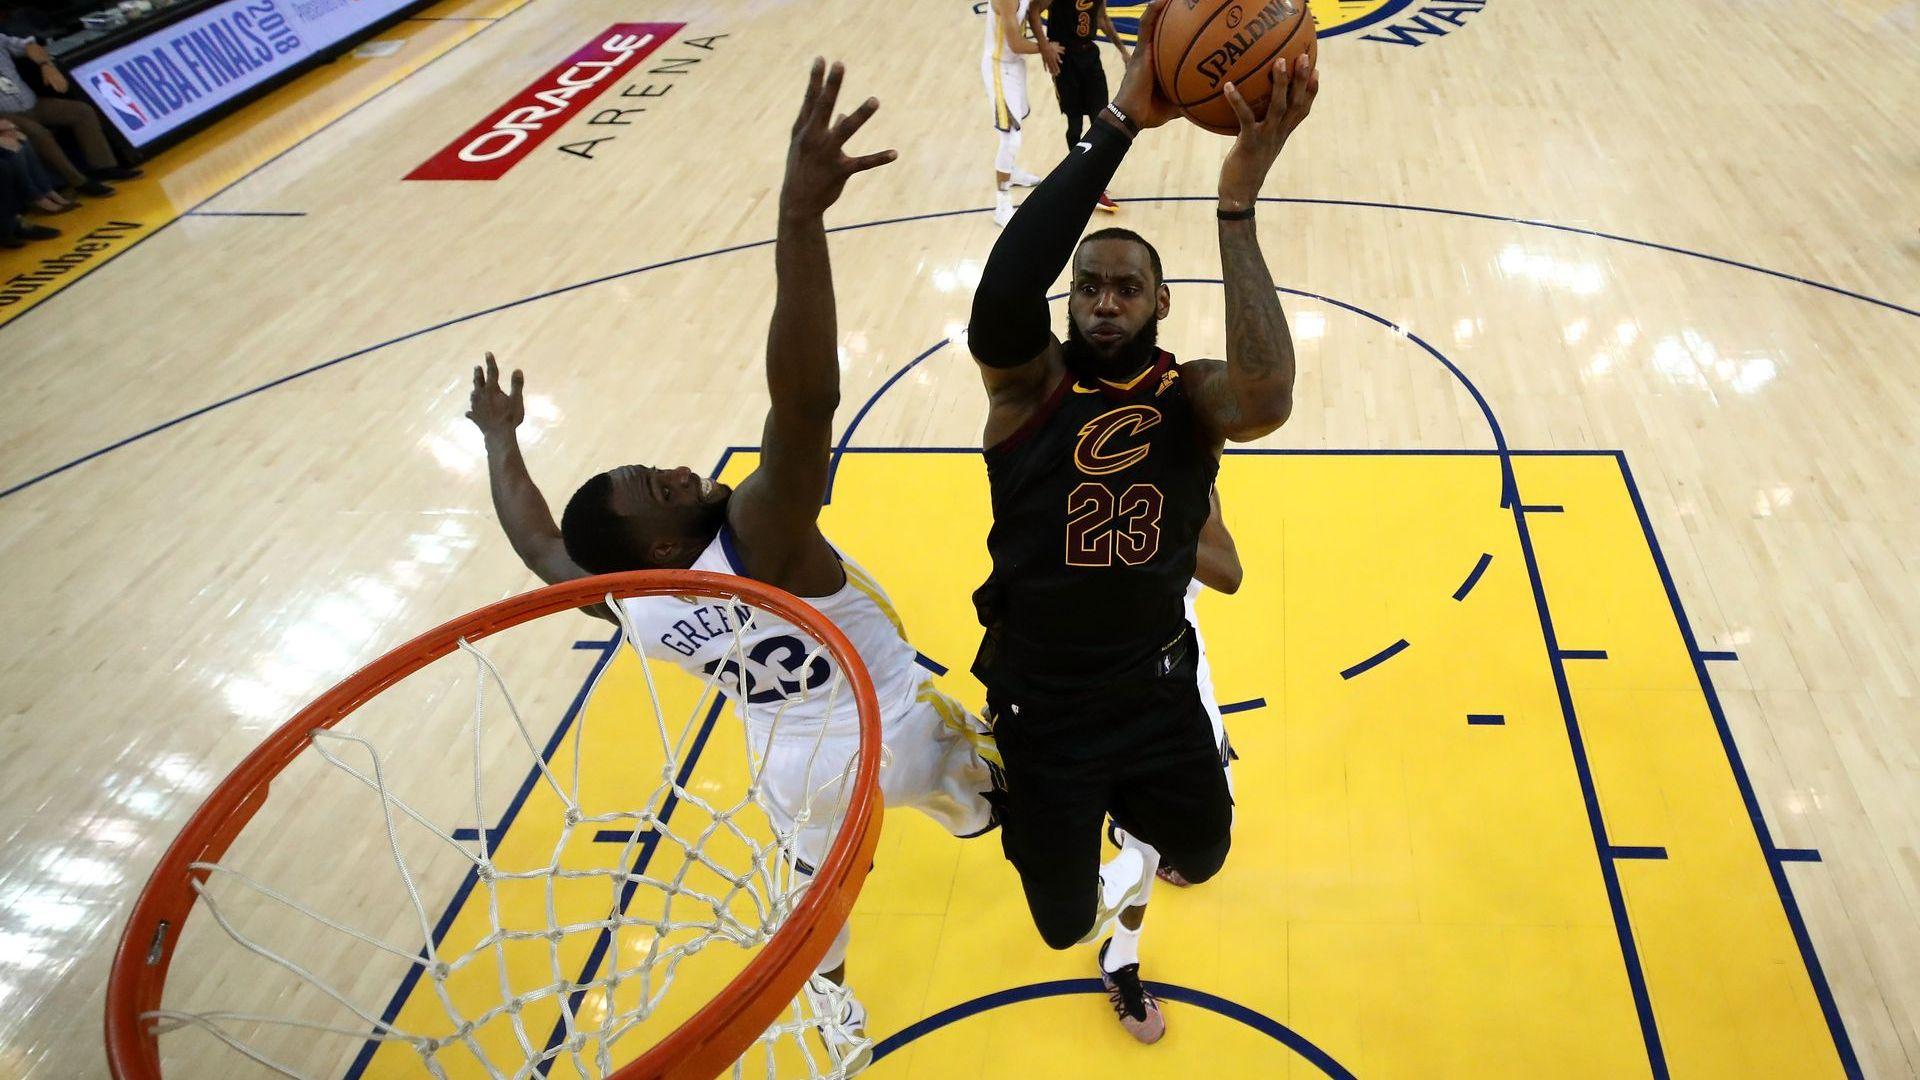 Леброн опита да бие сам шампионите в изключителен първи финал в НБА